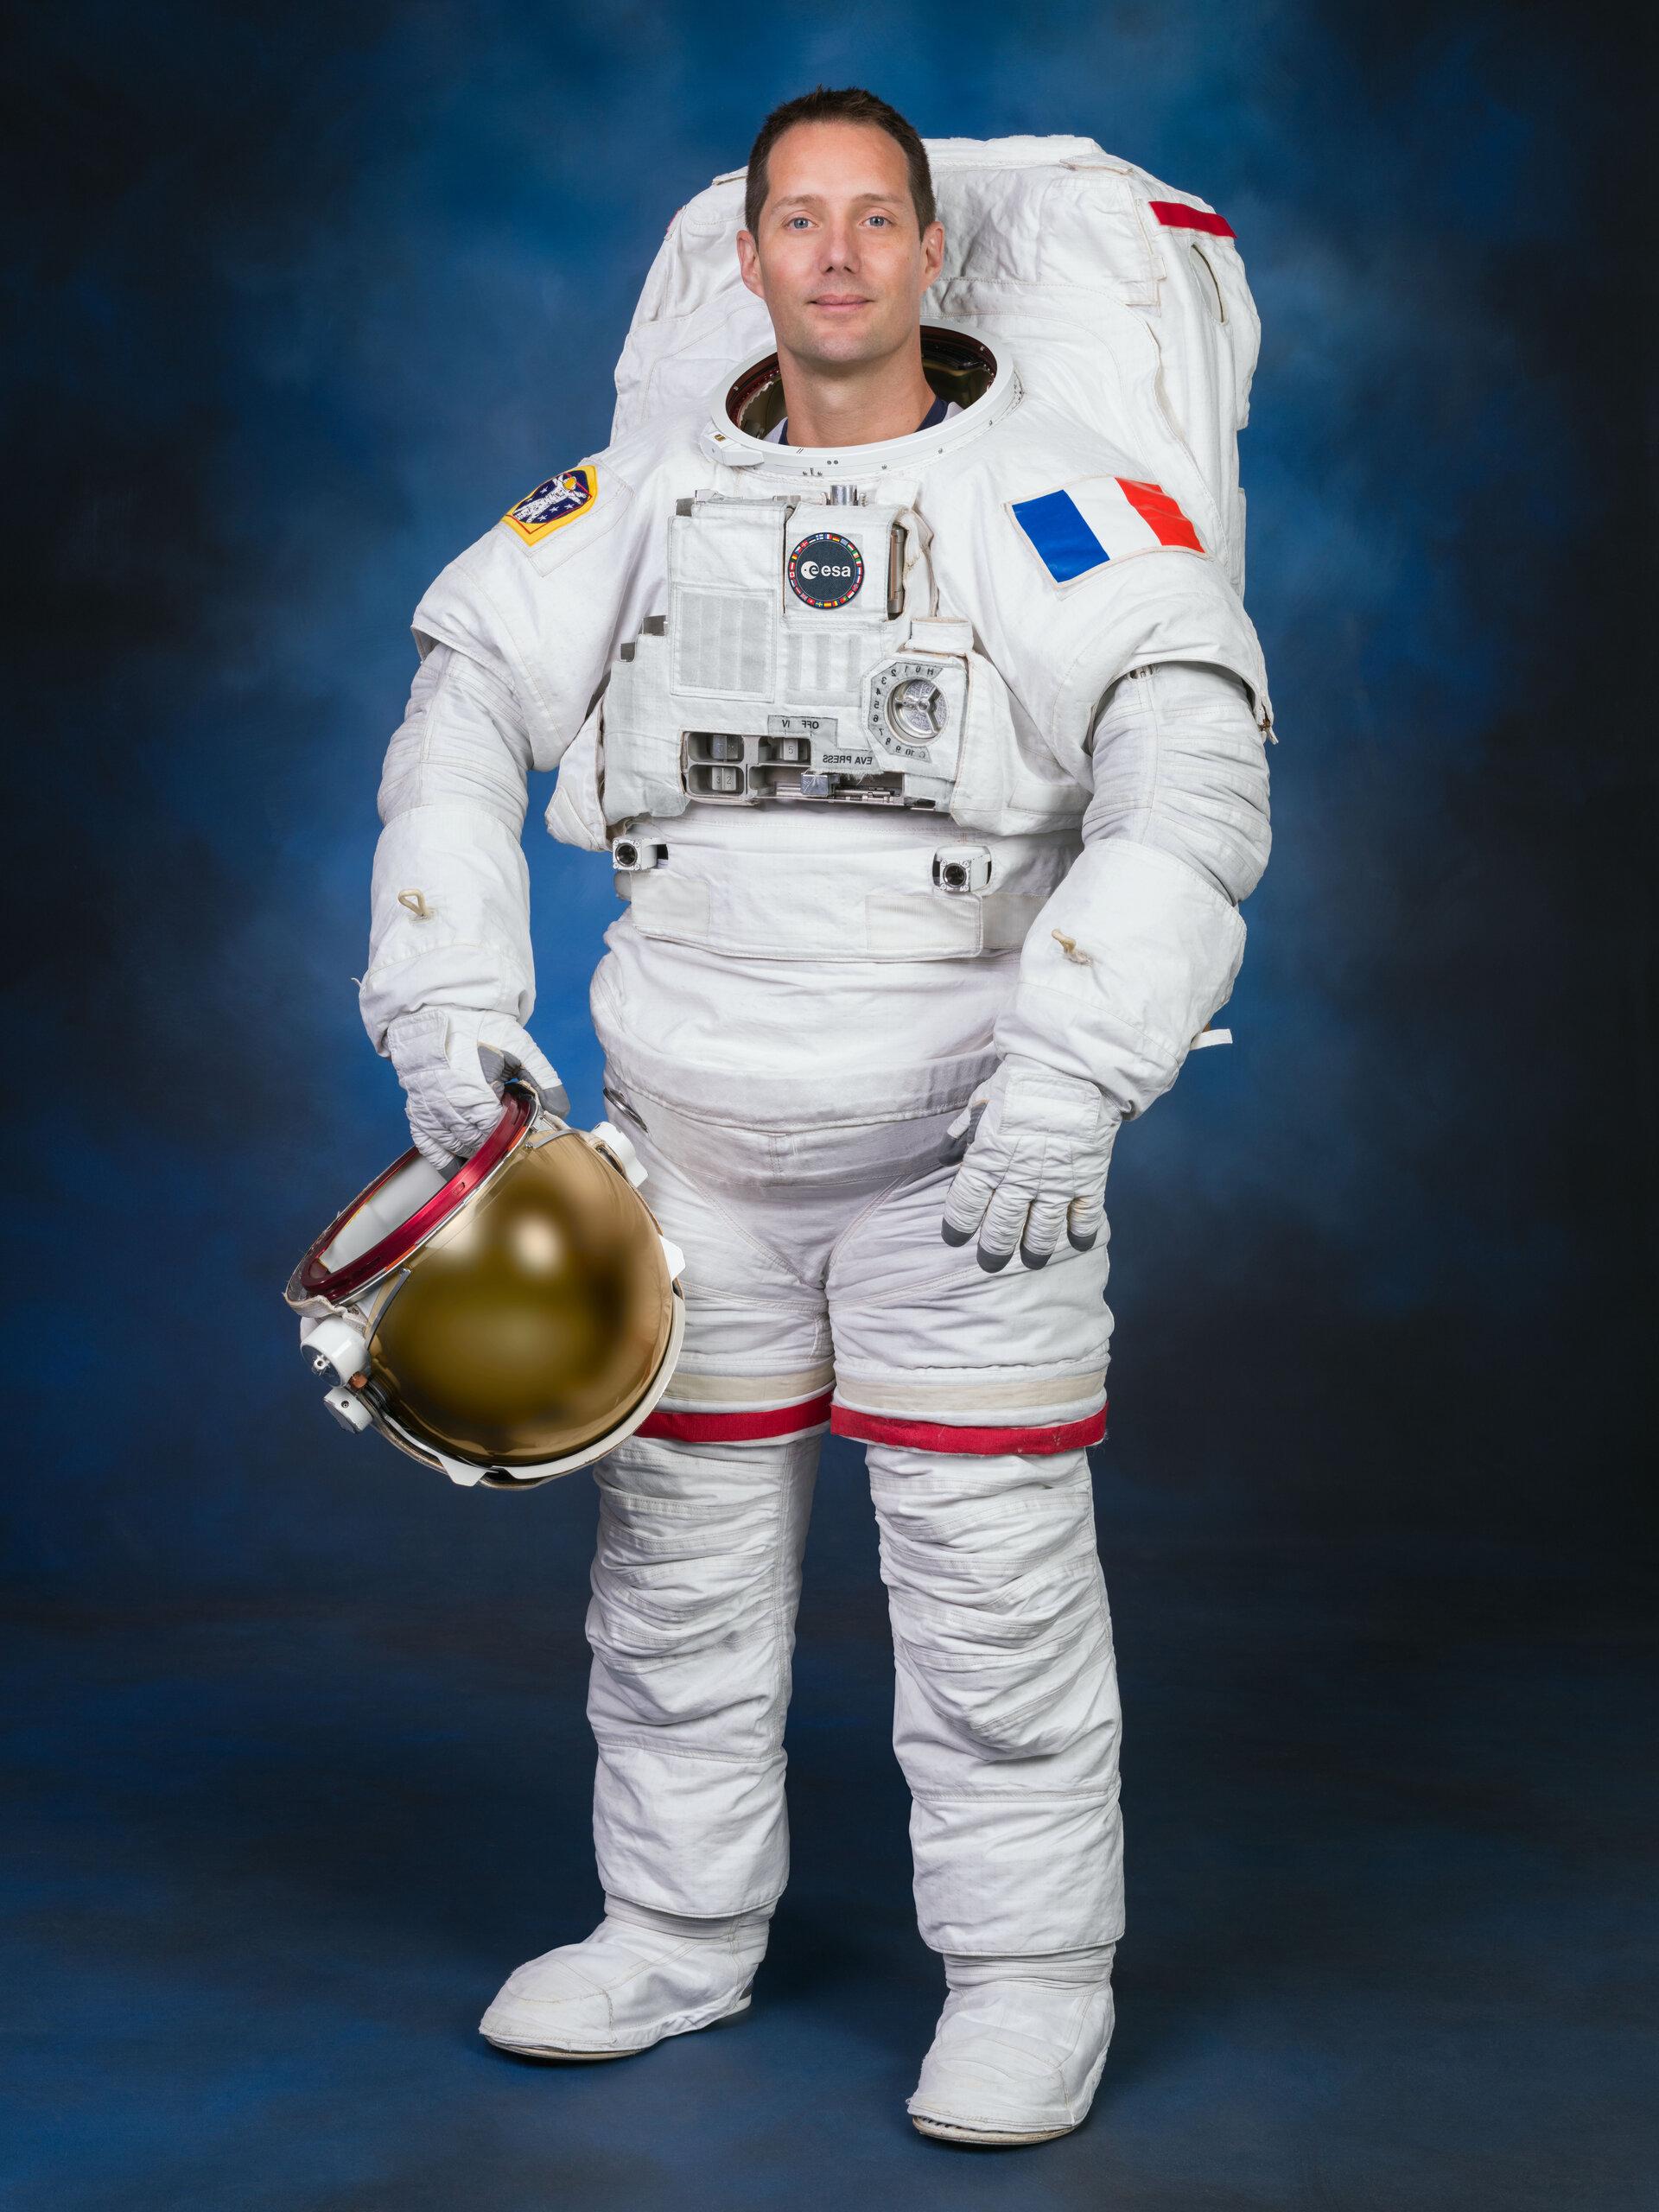 Thomas Pesquet - Astronaute français - Page 16 ESA_astronaut_Thomas_Pesquet_in_the_US_spacewalk_suit_pillars